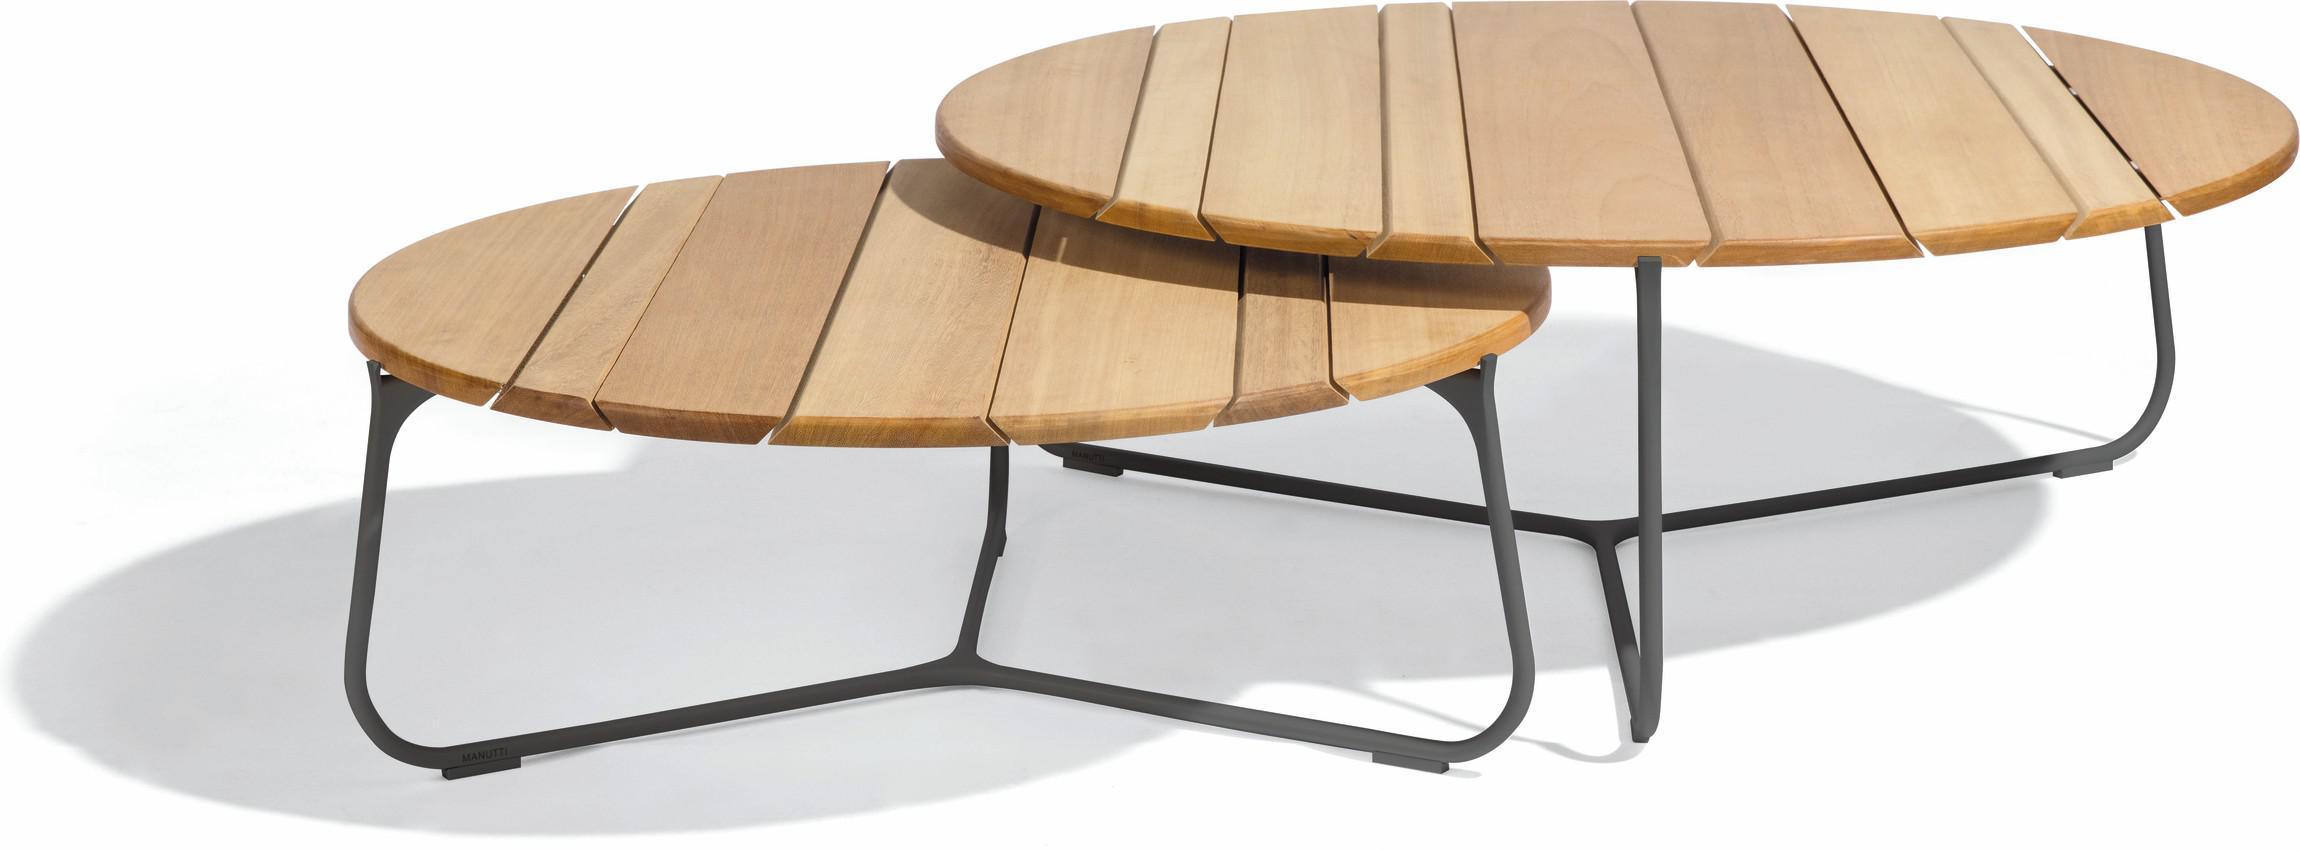 Mood mesa de centro - lava - iroko IR - 80